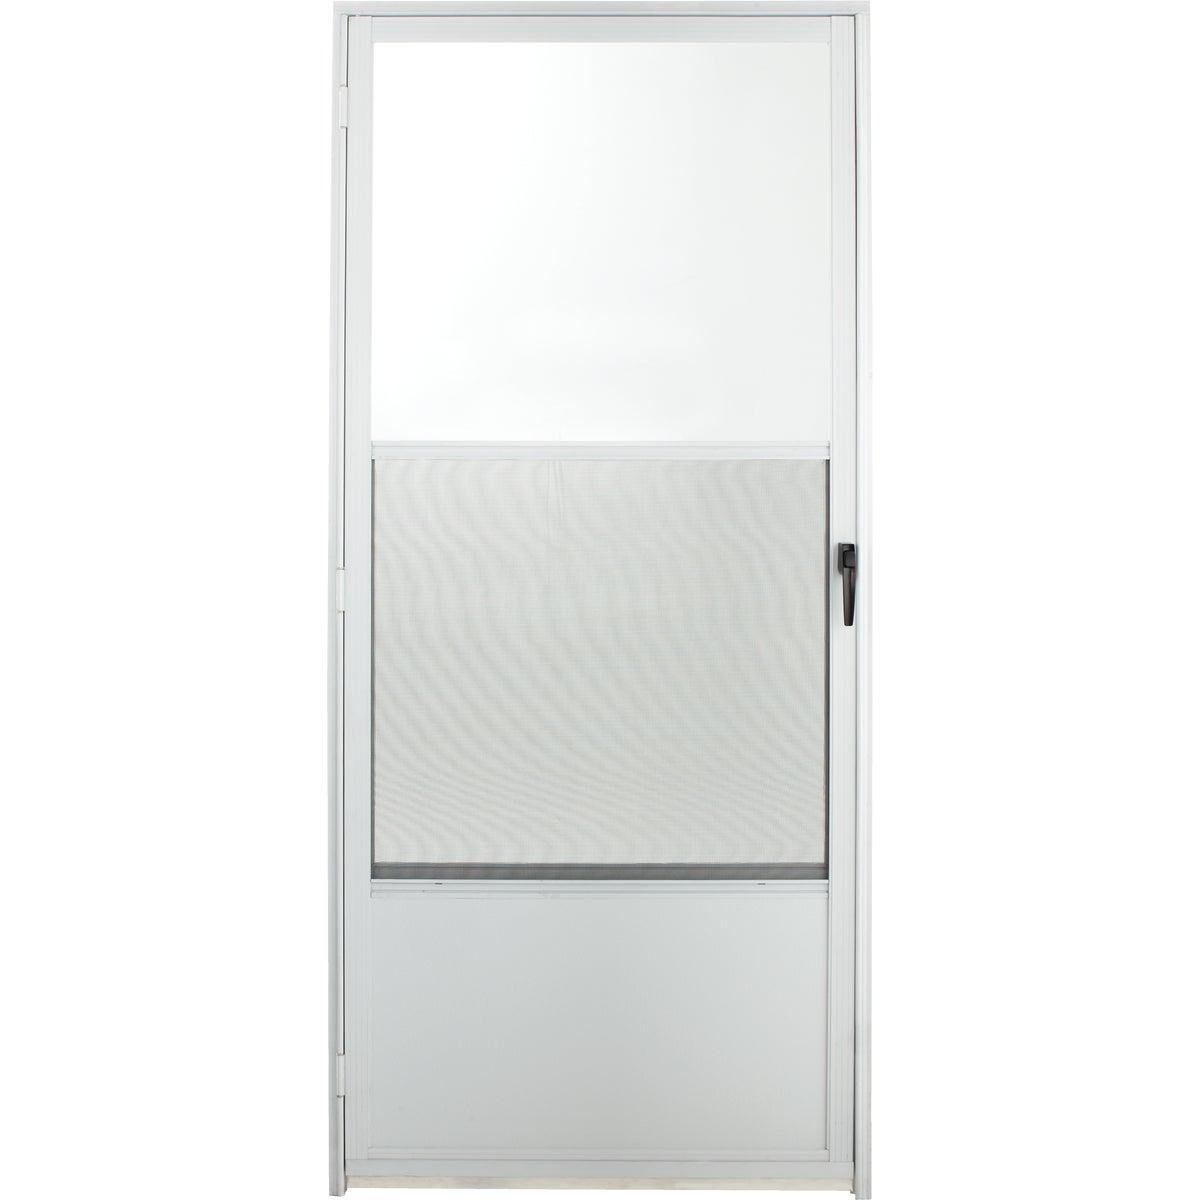 163 3068 LH WHT DOOR